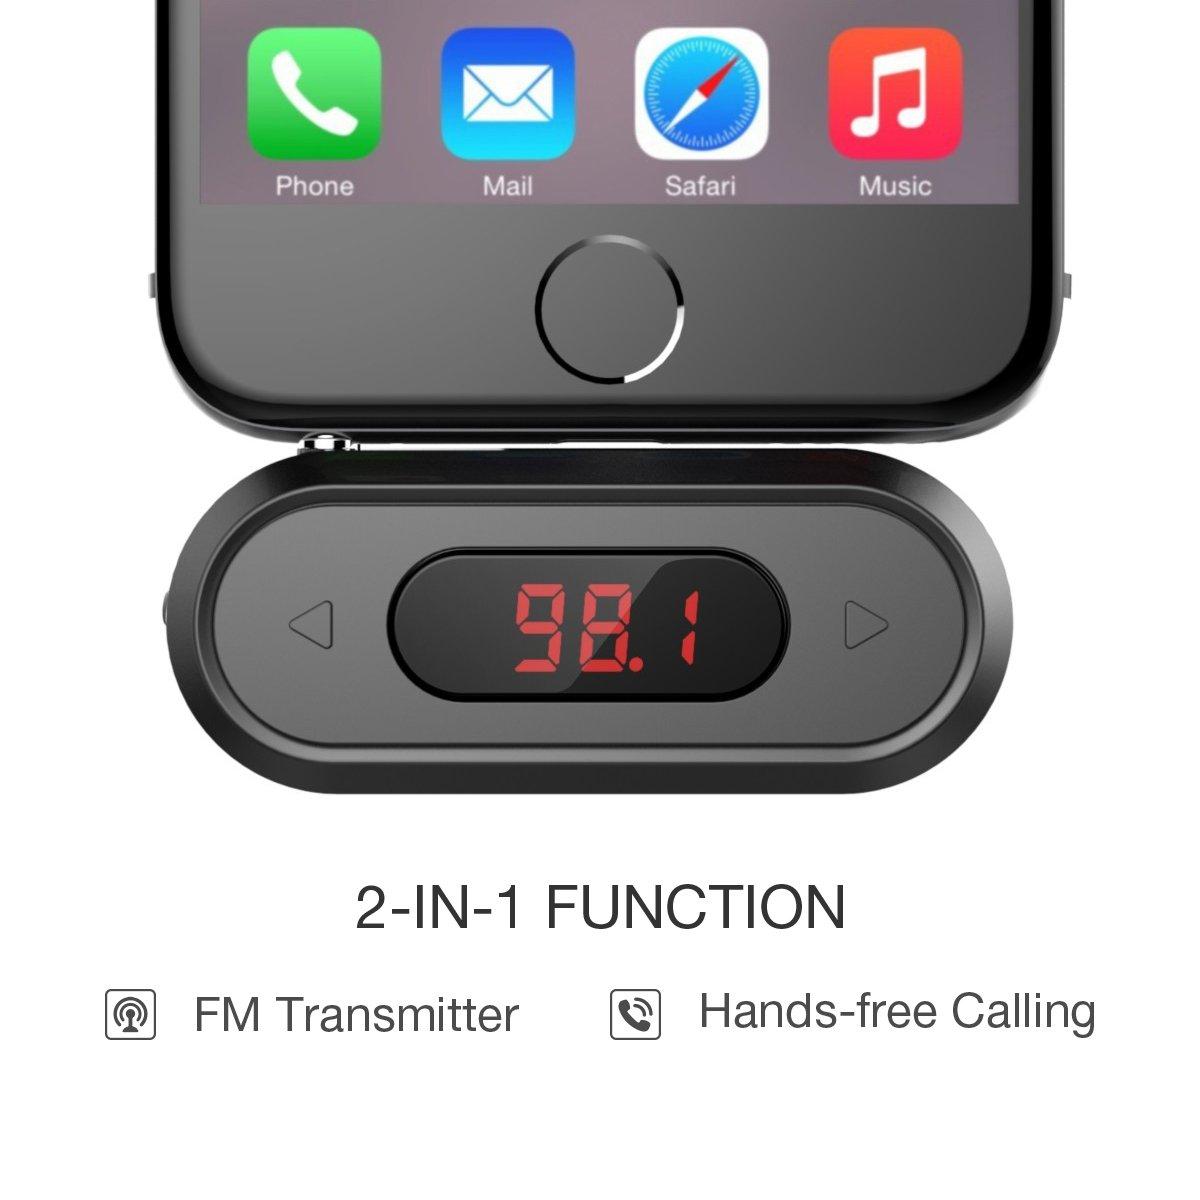 MP4 e maggior parte dei dispositivi con jack audio da 3.5mm iPad Samsung MP3 Trasmettitore FM Doosl/® 3,5 millimetri Trasmettitore FM chiamata vivavoce kit Bluetooth per autoradio compatibile con iPhone iPod HTC